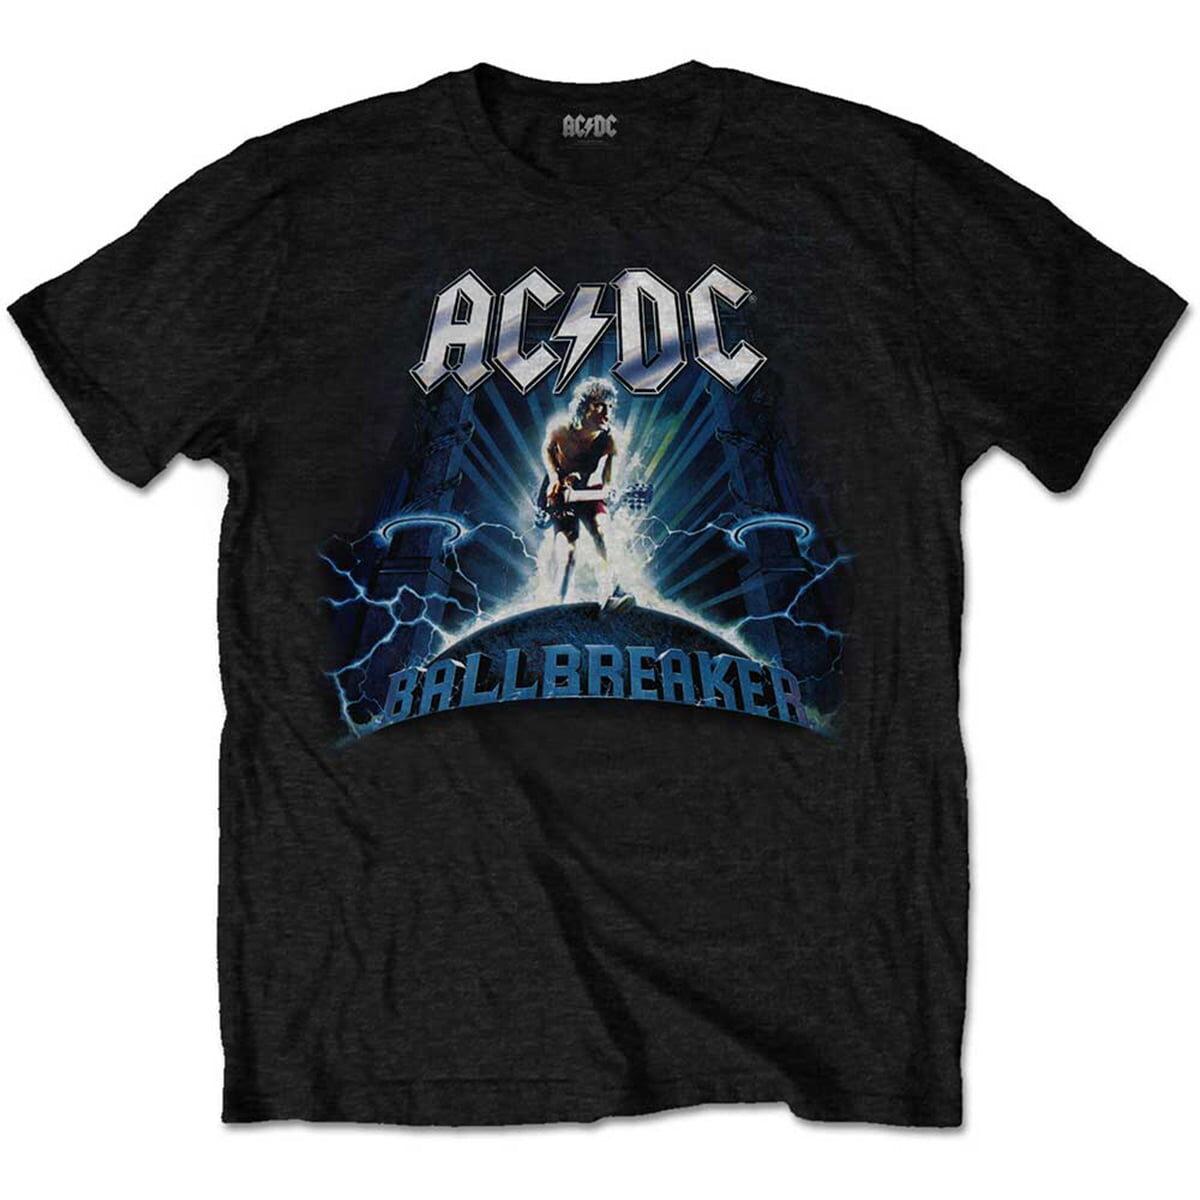 ac/dc ballbreaker svart t-skjorte til herre ACDCTS56MB